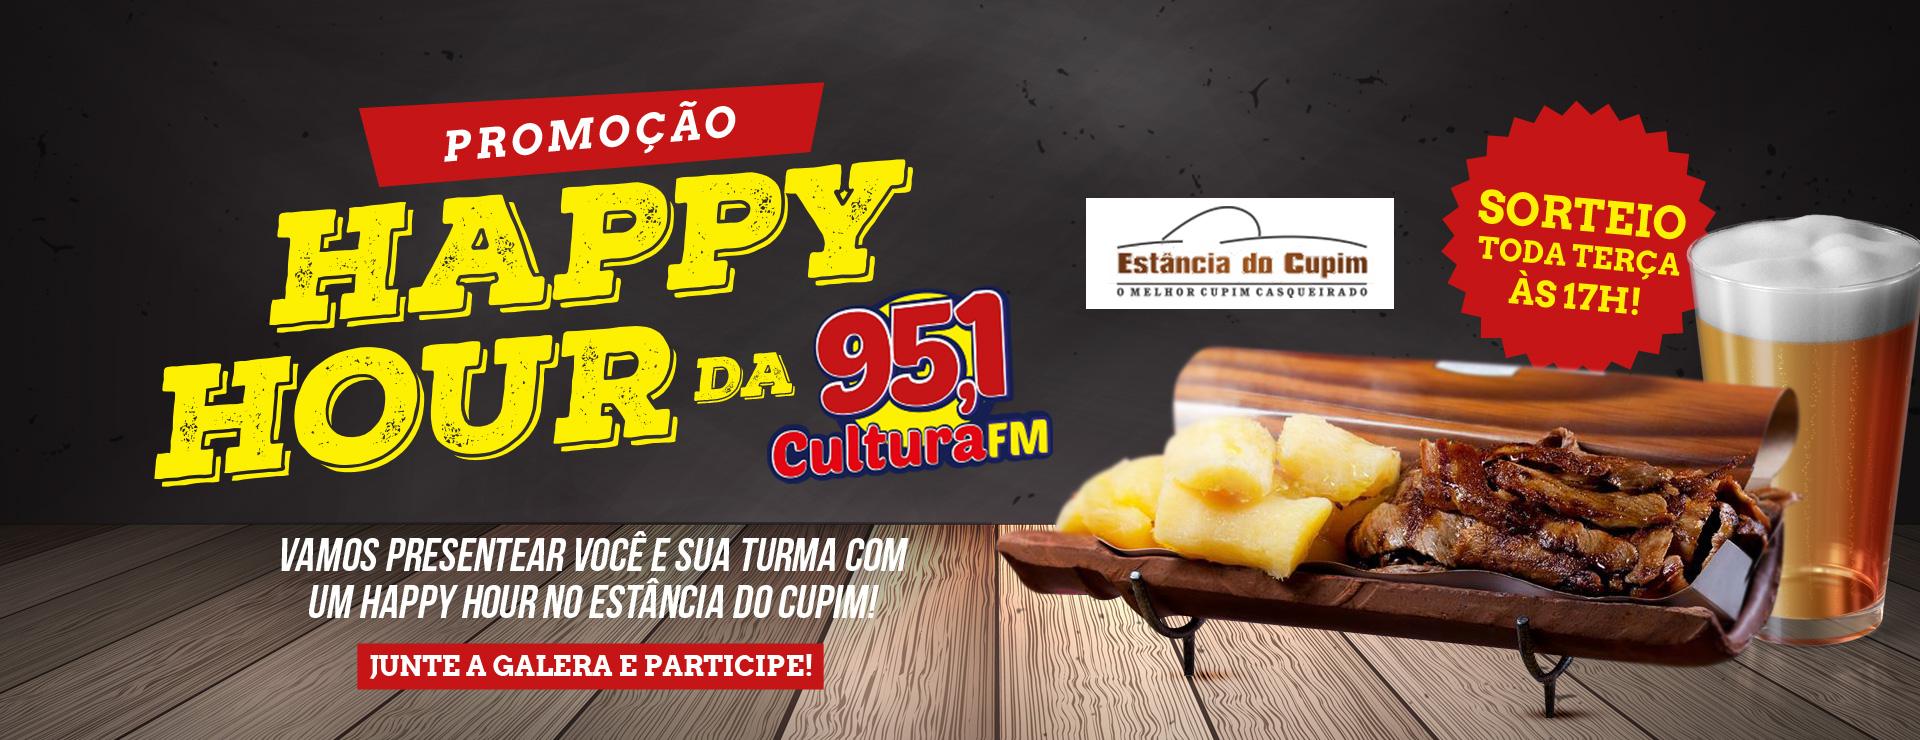 Promoção happy hour da cultura FM